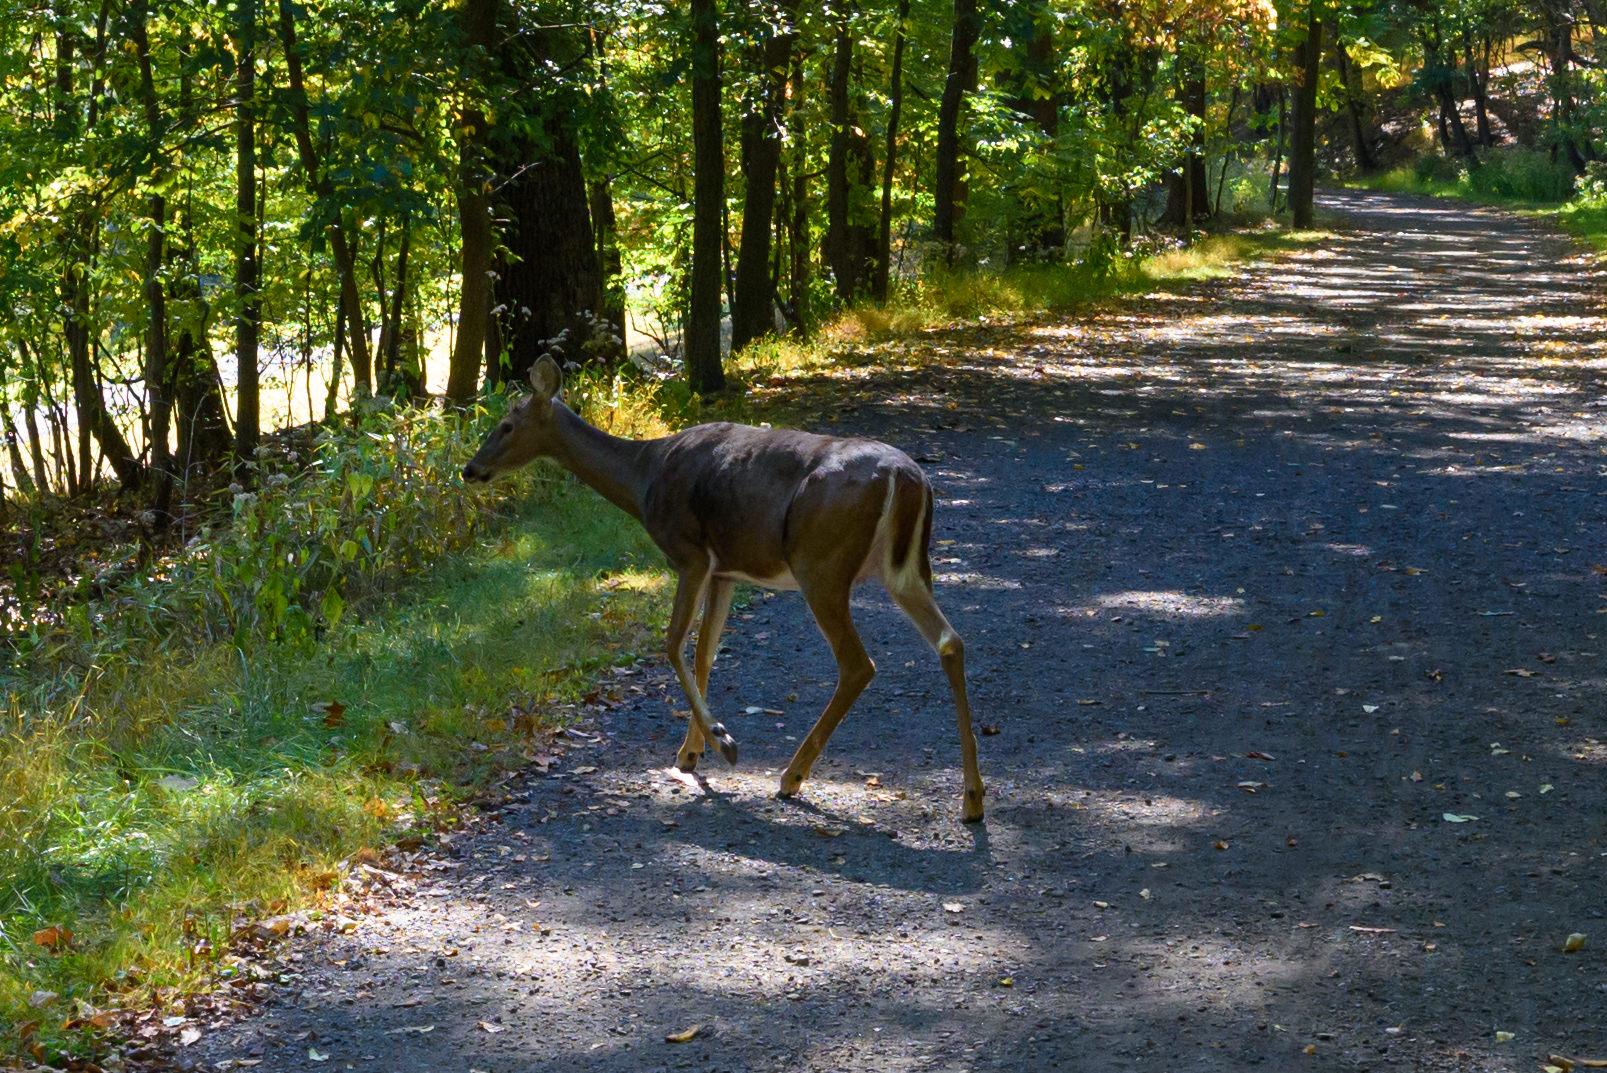 100% Crop of Deer @ f/6.3